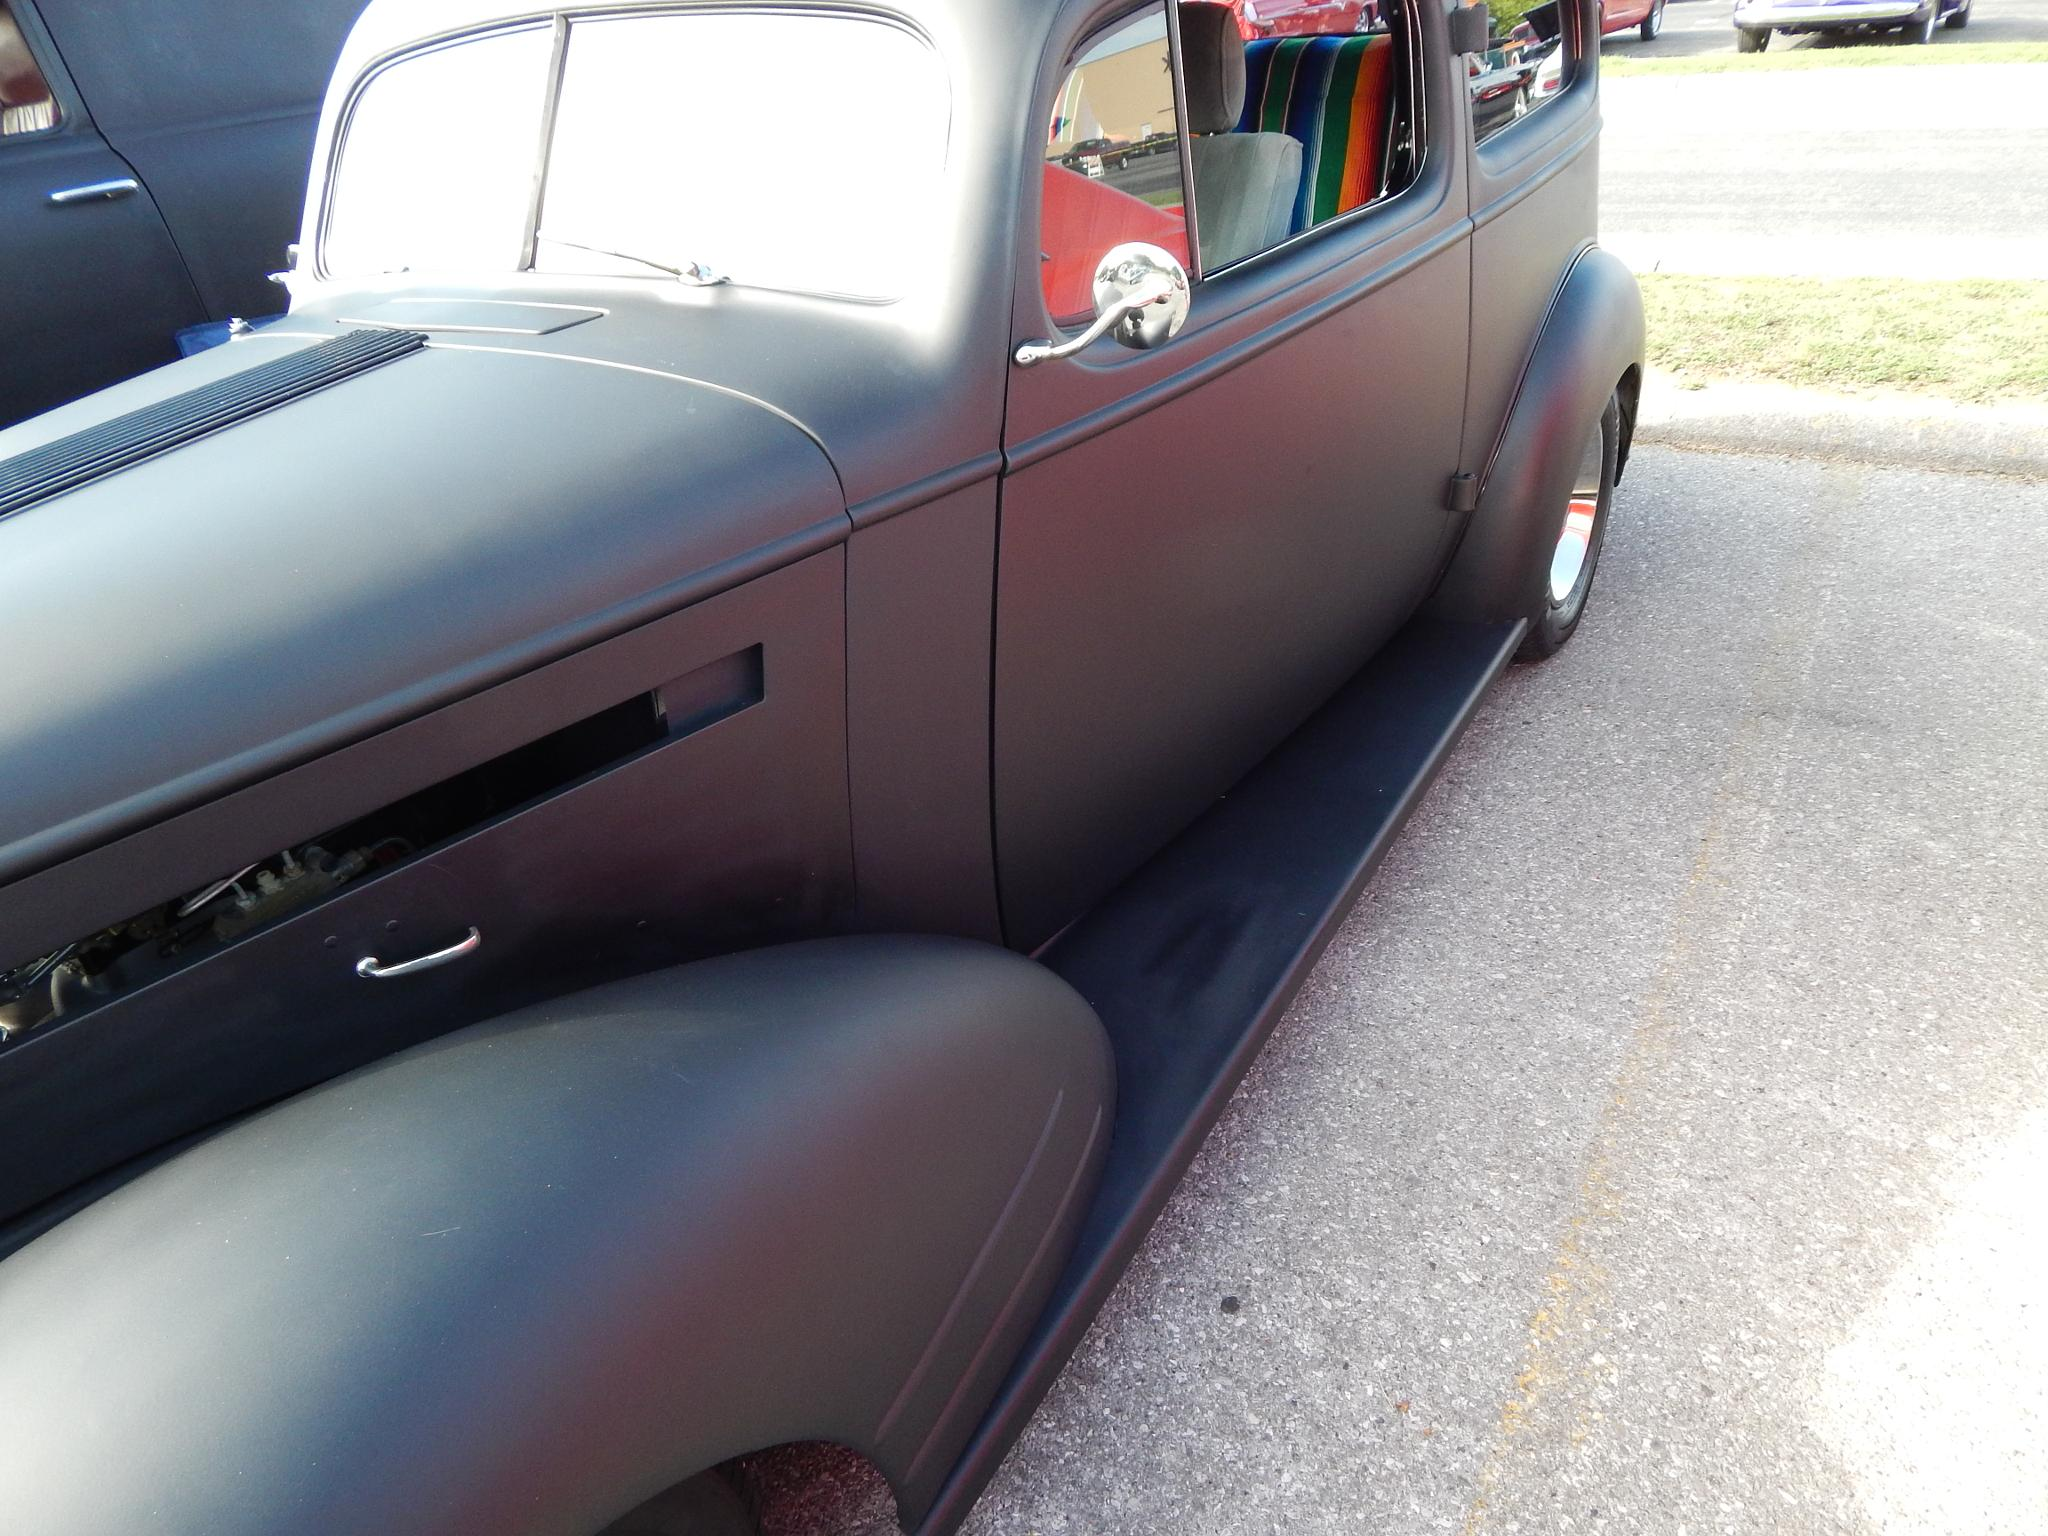 car show by cadillac.man.